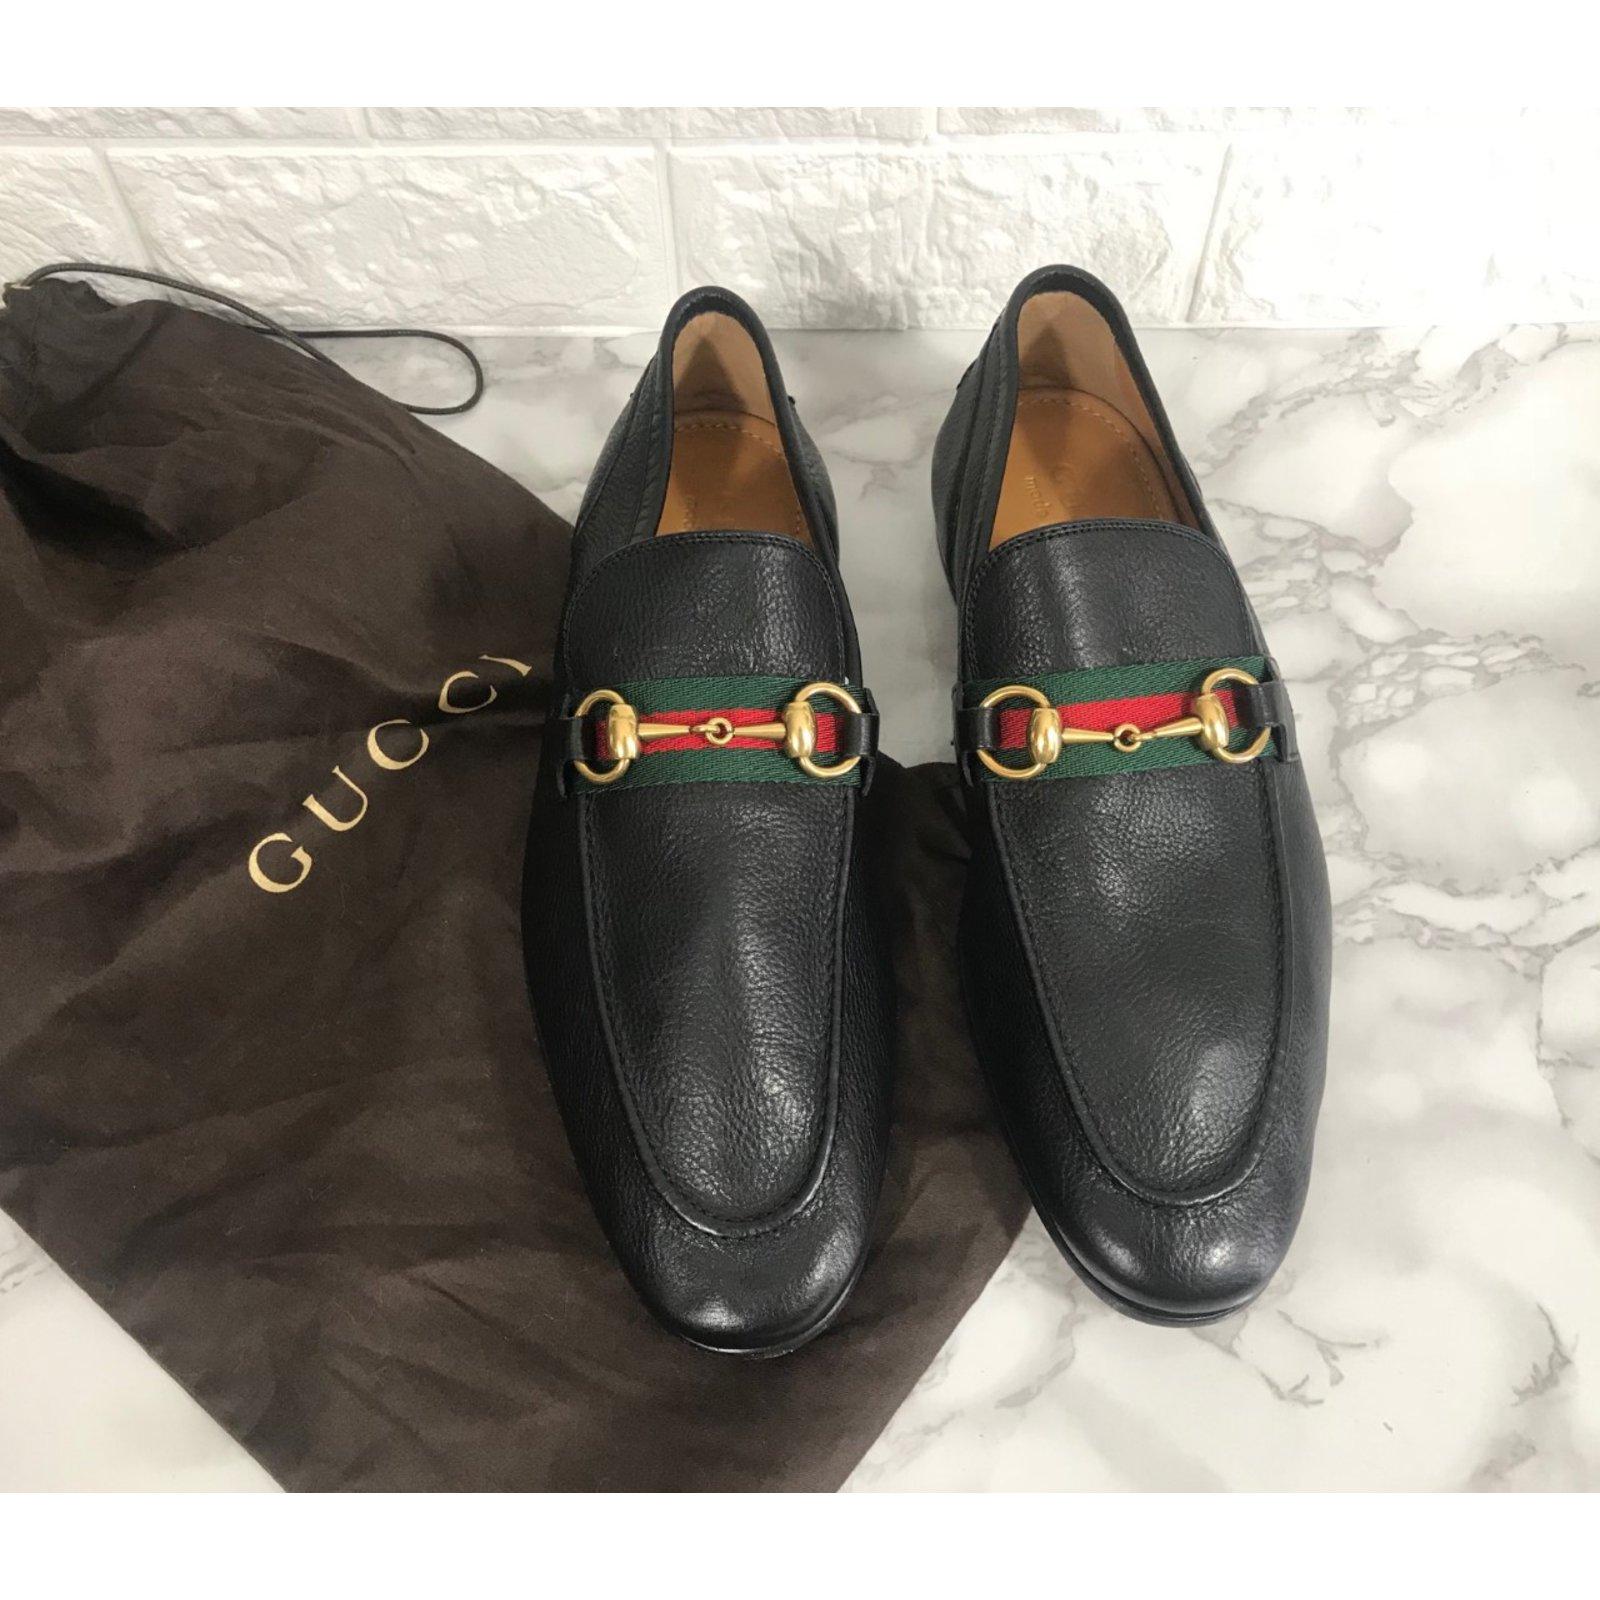 Mocassins homme Gucci Mocassins Gucci neufs en cuir Cuir Noir ref.66194 -  Joli Closet c5364250088